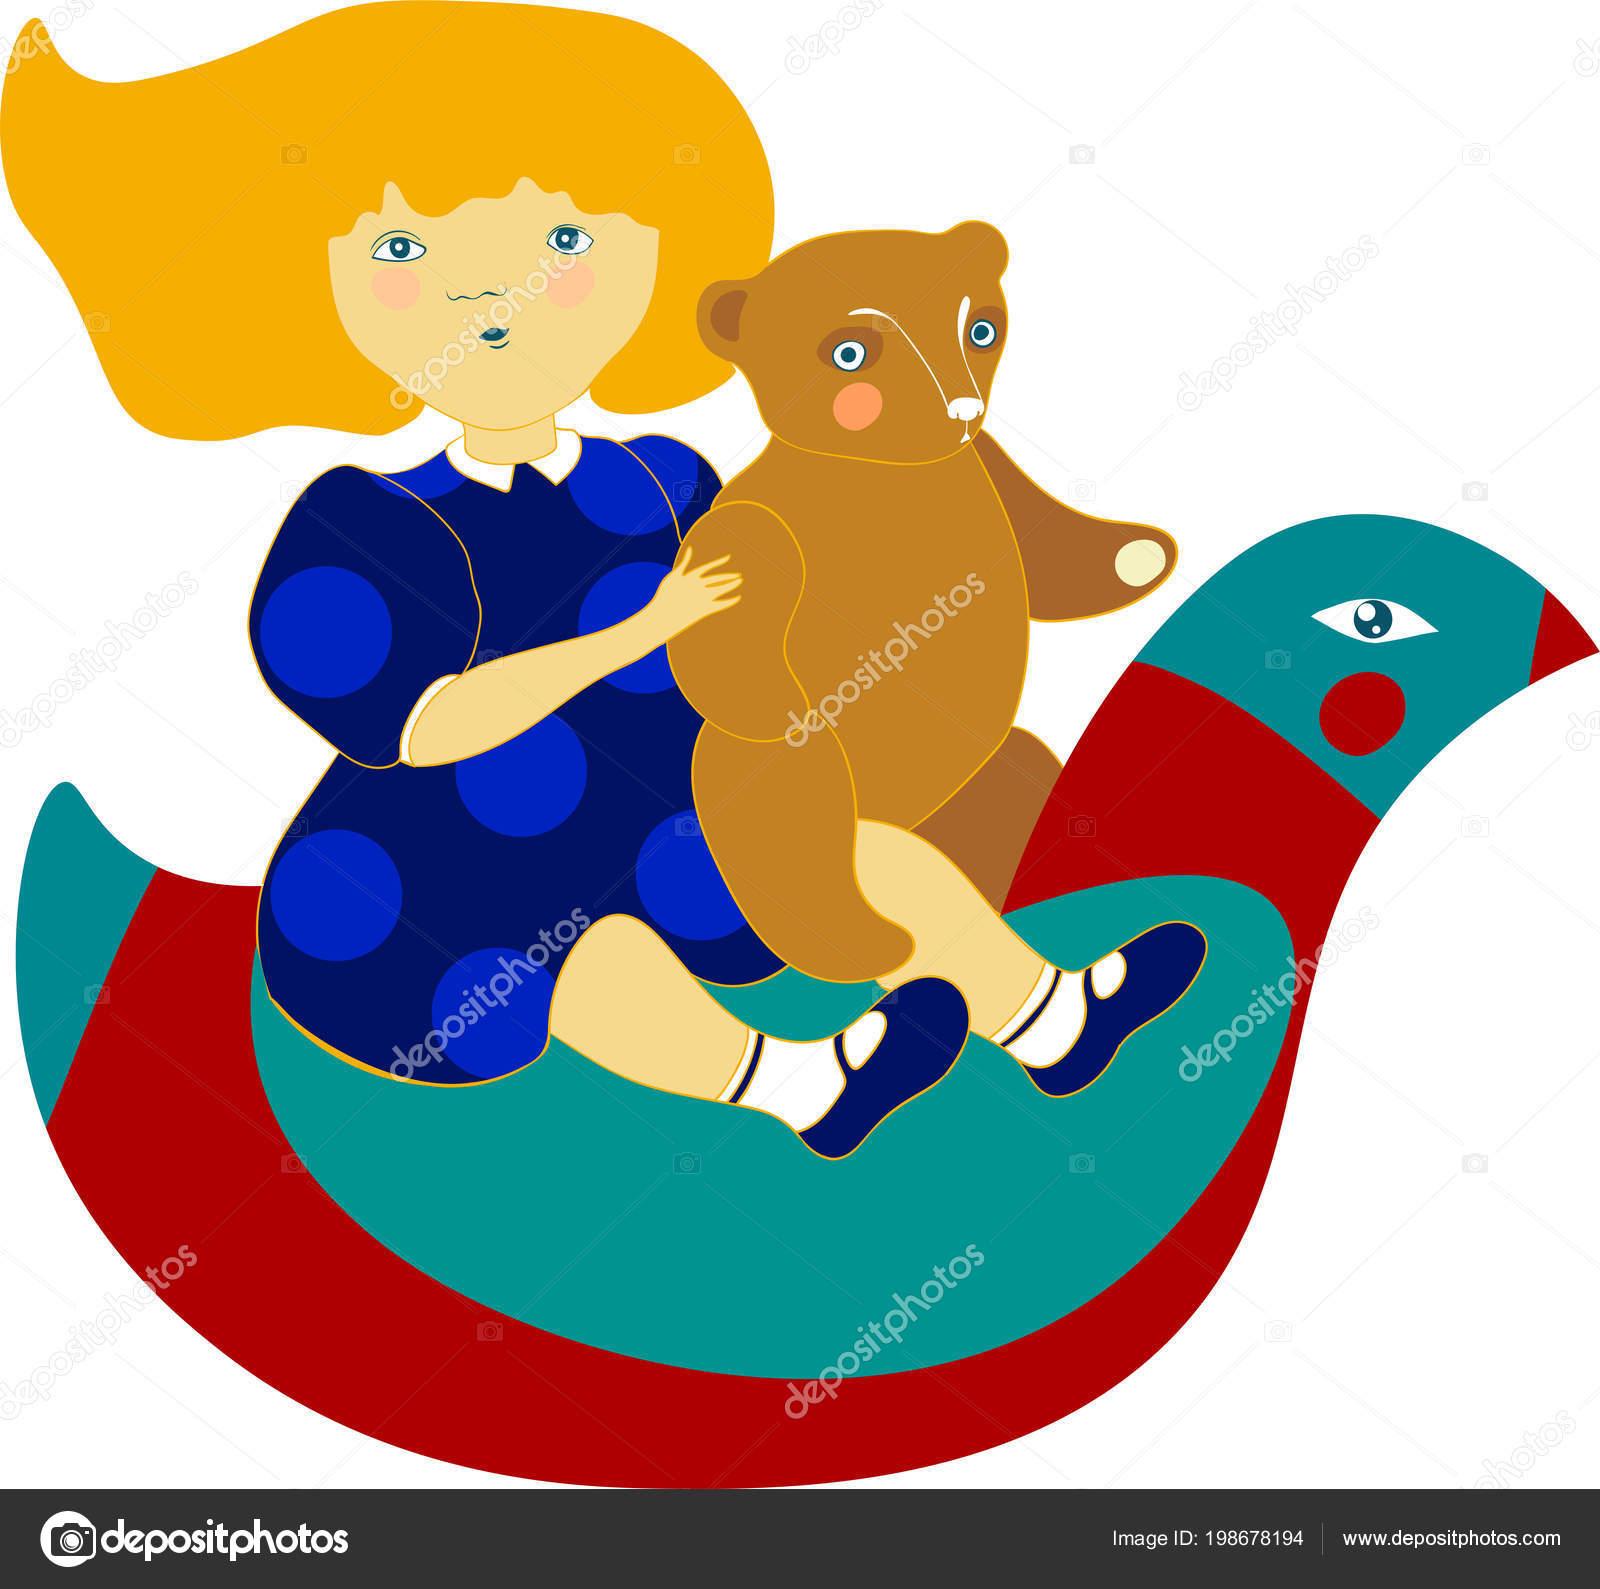 Kinder Schommelstoel Wit.Circulaire Illustratie Met Een Mooi Klein Meisje Paardrijden Een